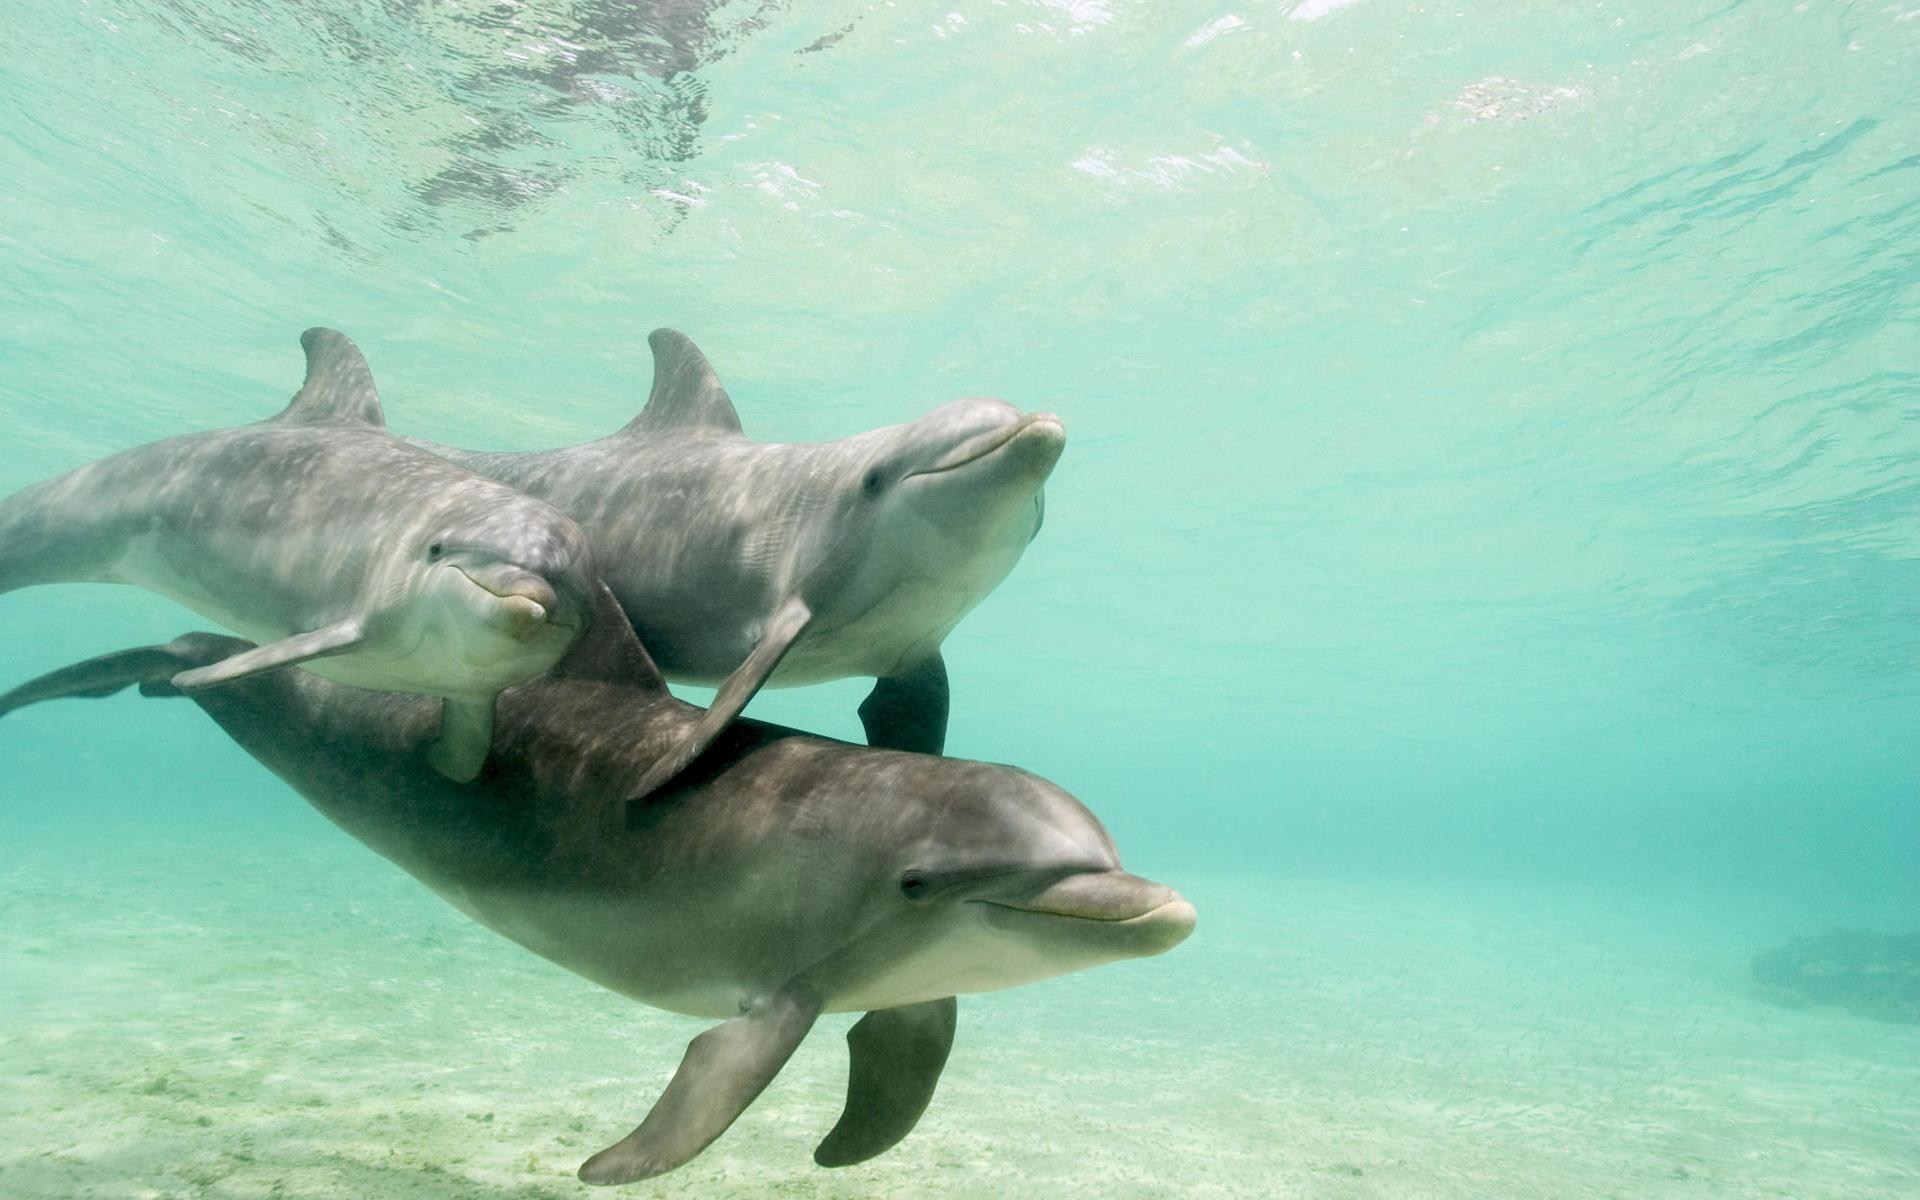 Delfines en el océano - 1920x1200